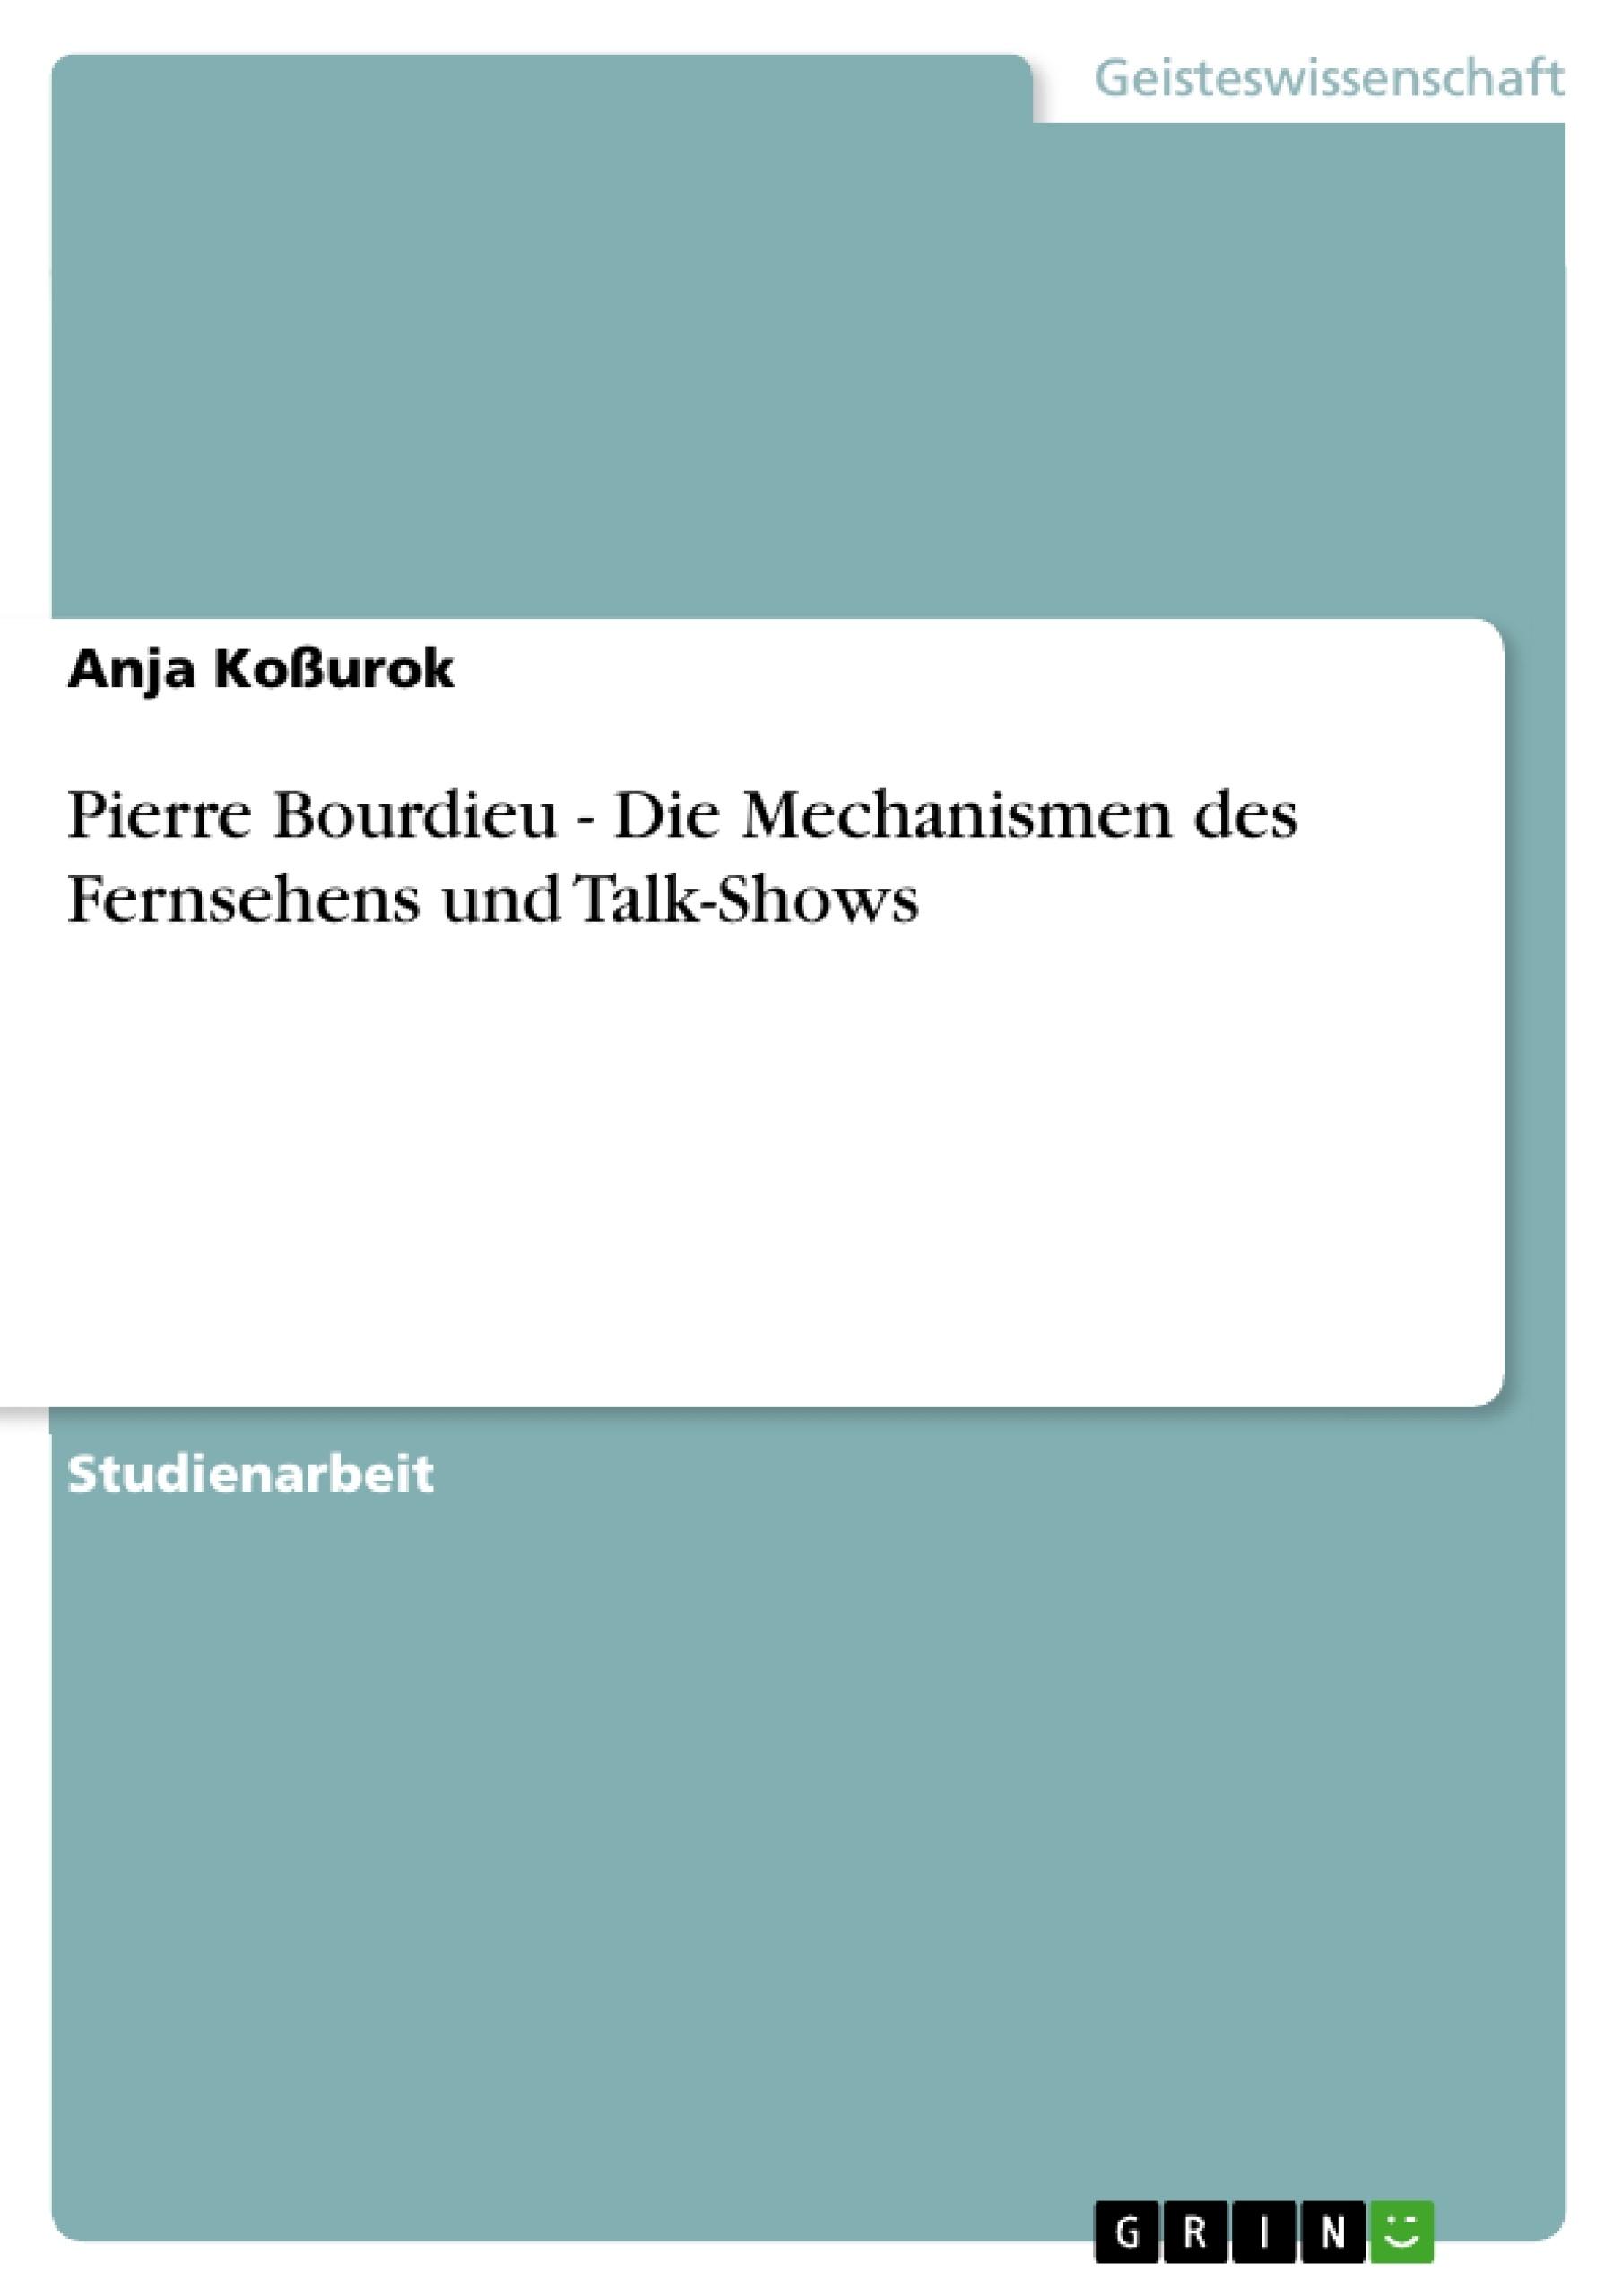 Titel: Pierre Bourdieu - Die Mechanismen des Fernsehens und Talk-Shows